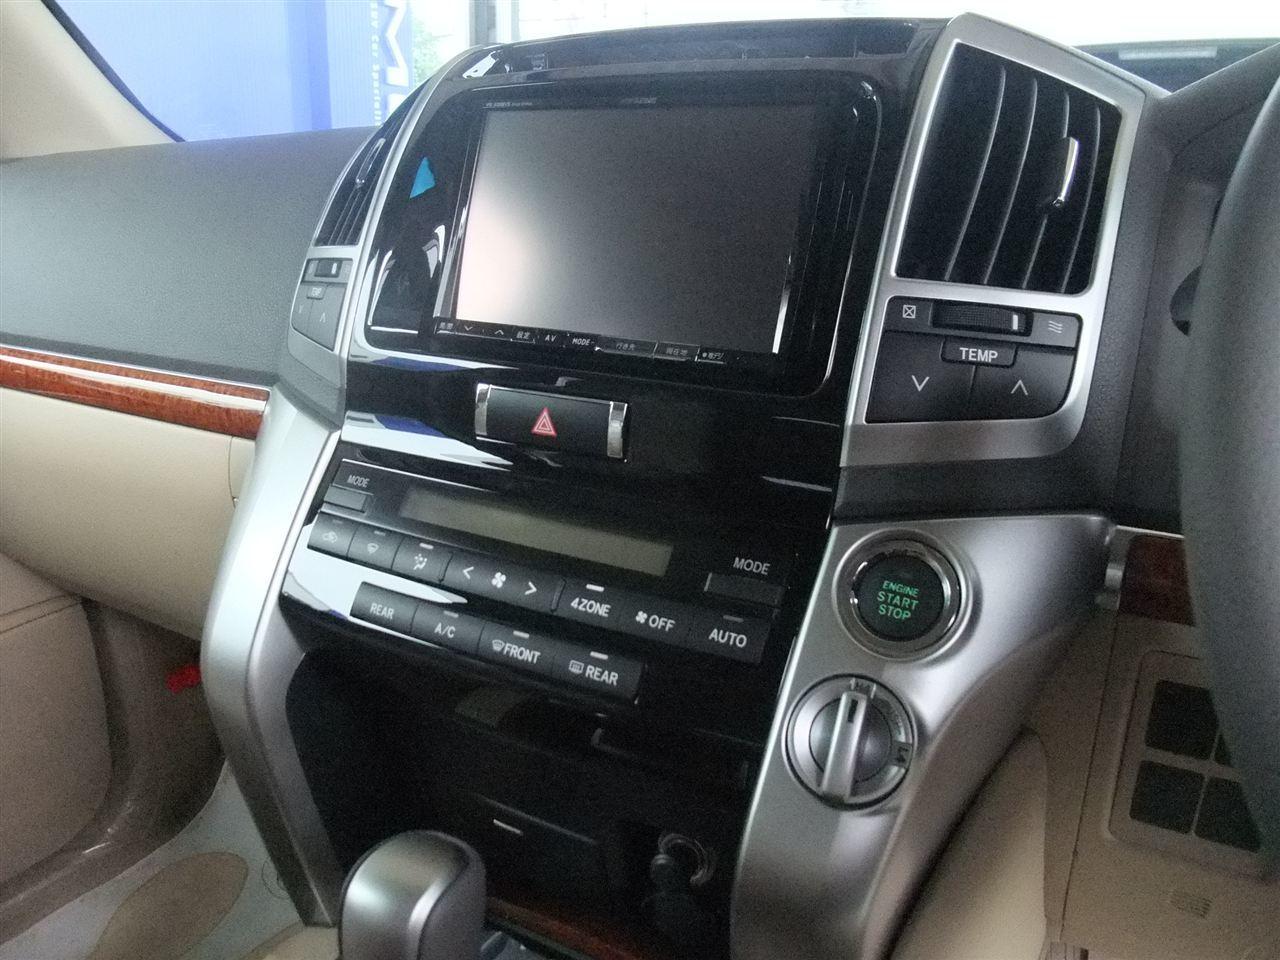 2DIN Toyota Landcruiser 200